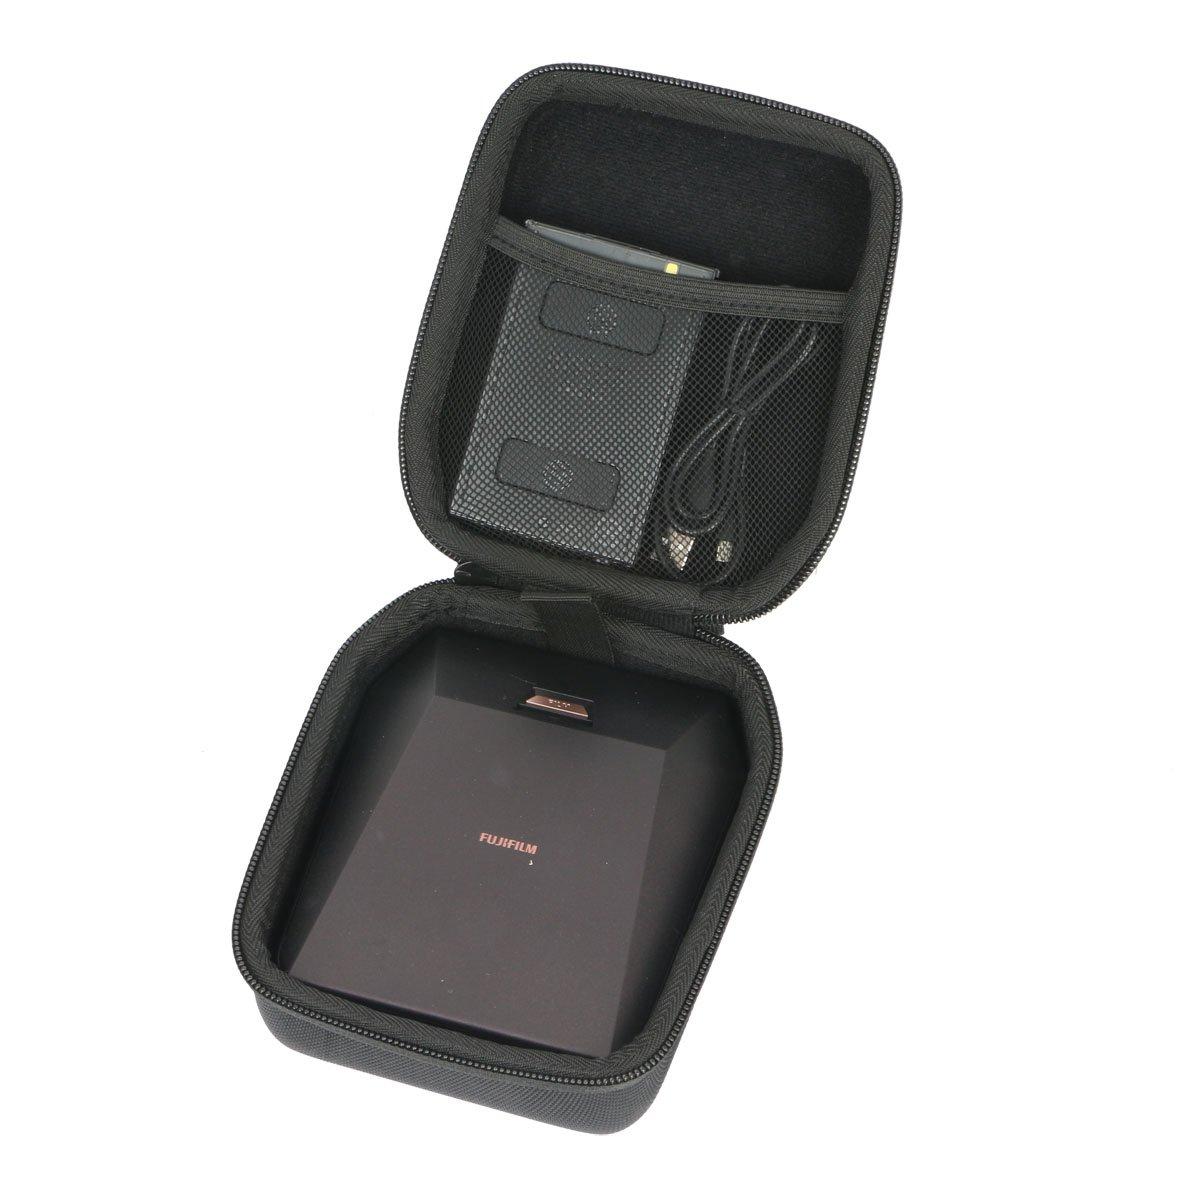 pour Fujifilm Instax Share SP-3 16558138 Imprimante Format Carré EVA Dur Cas Voyage Etui Housse Sac Case by Khanka